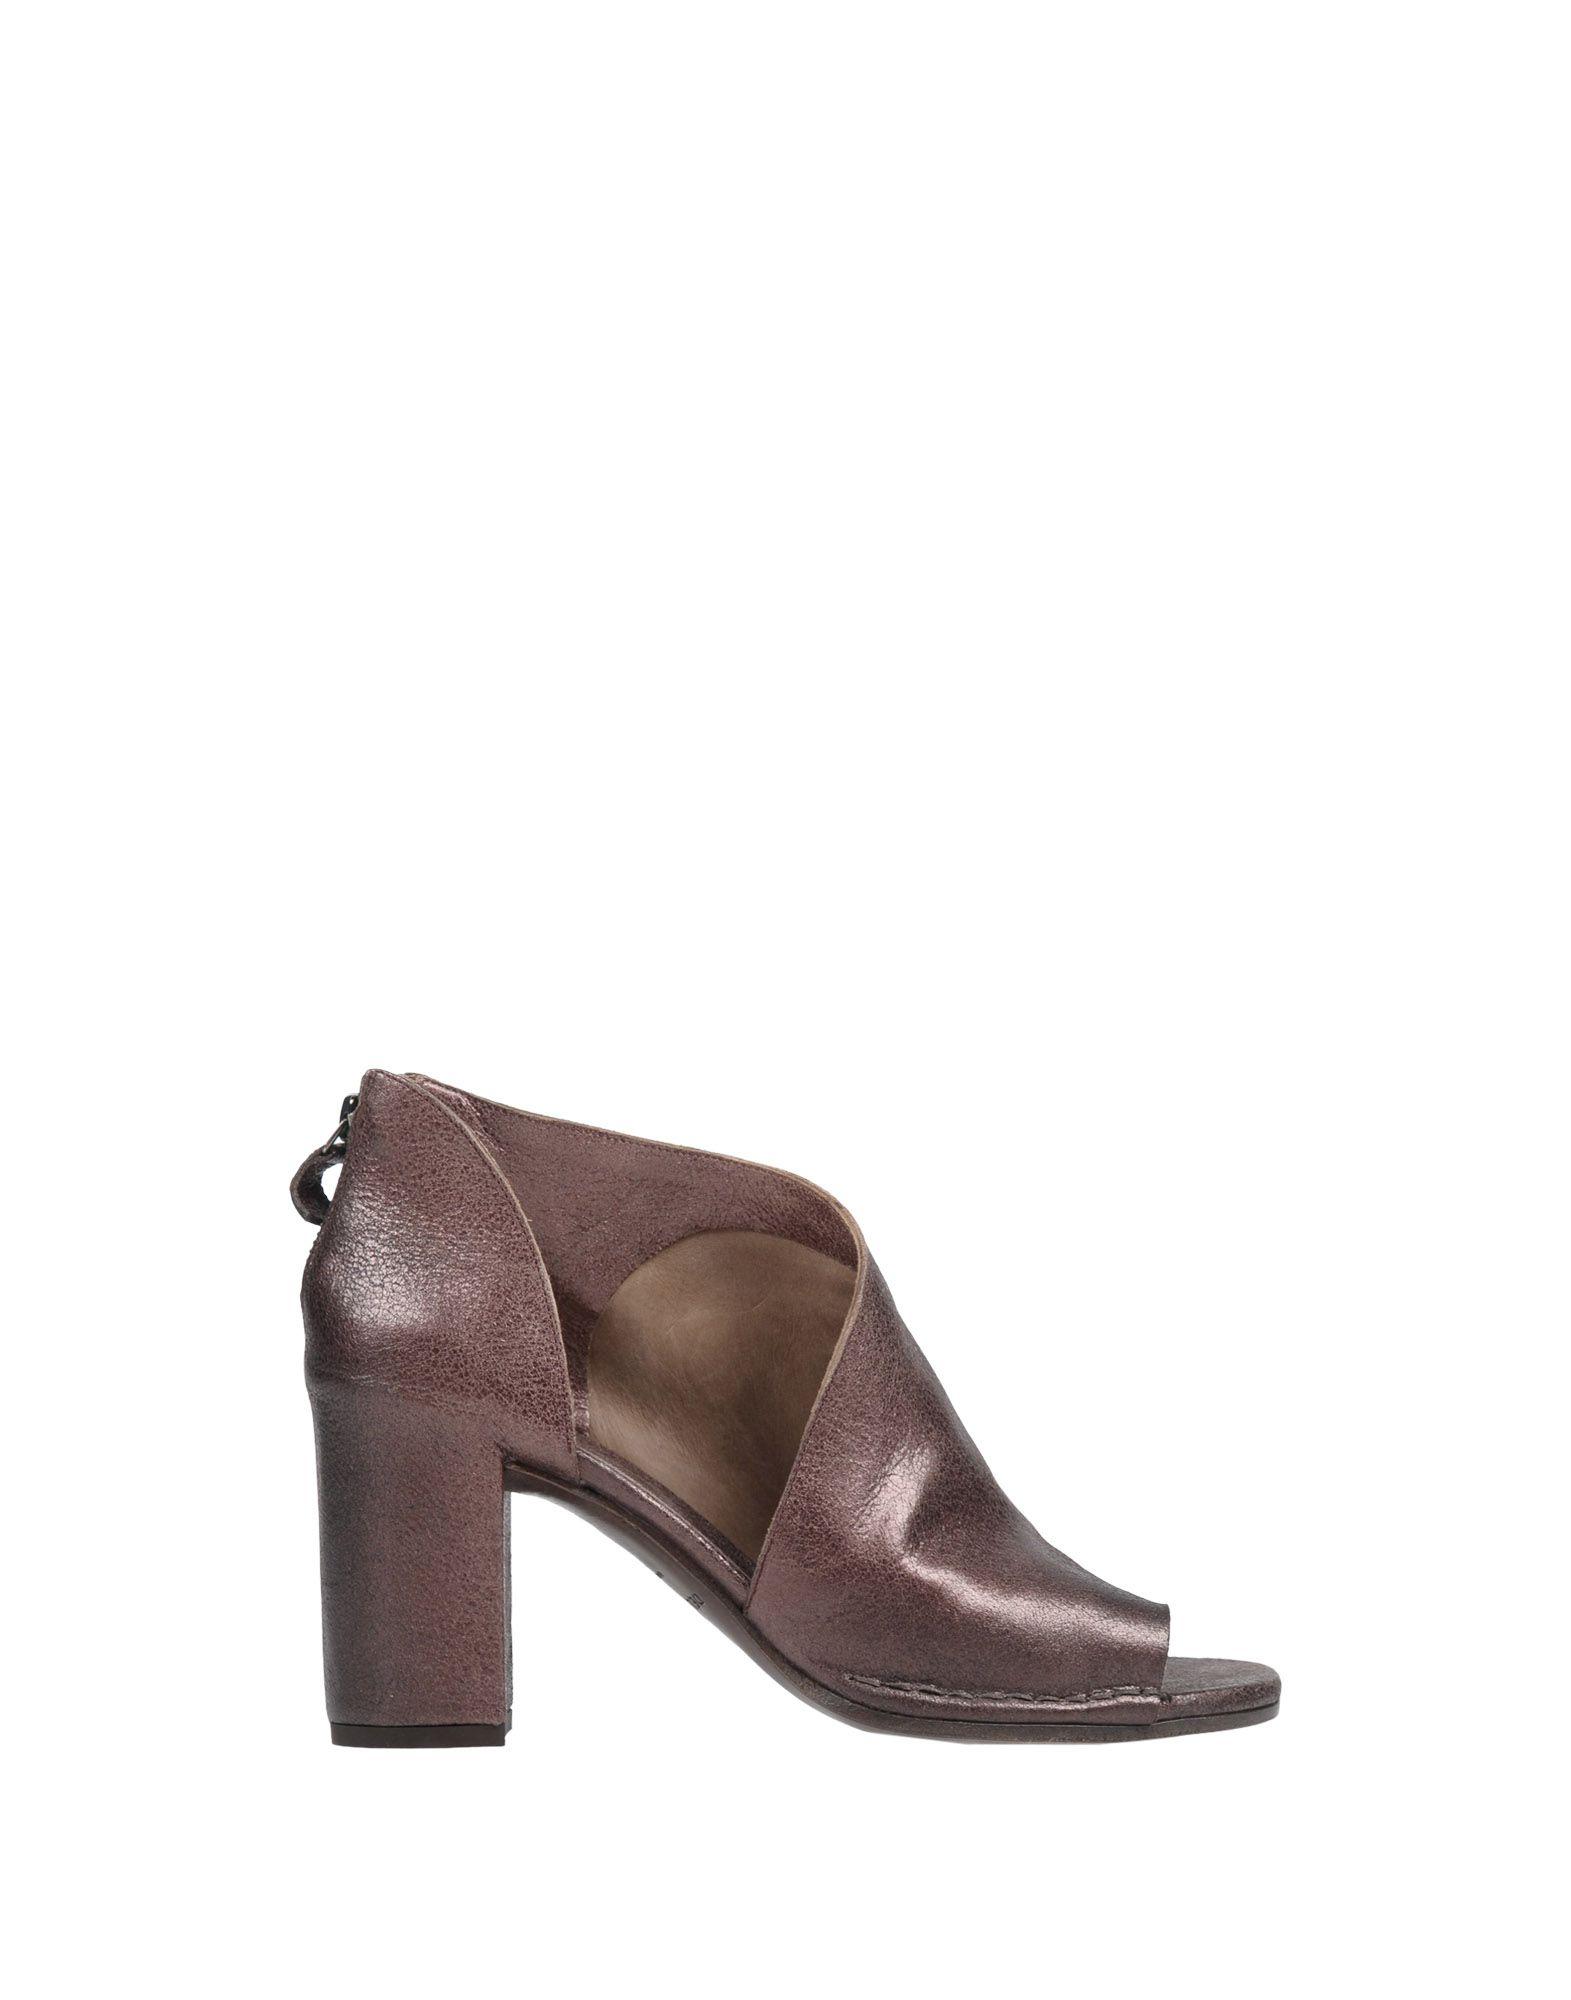 Del Stiefelette Carlo Stiefelette Del Damen  11425972RP Neue Schuhe f515d2